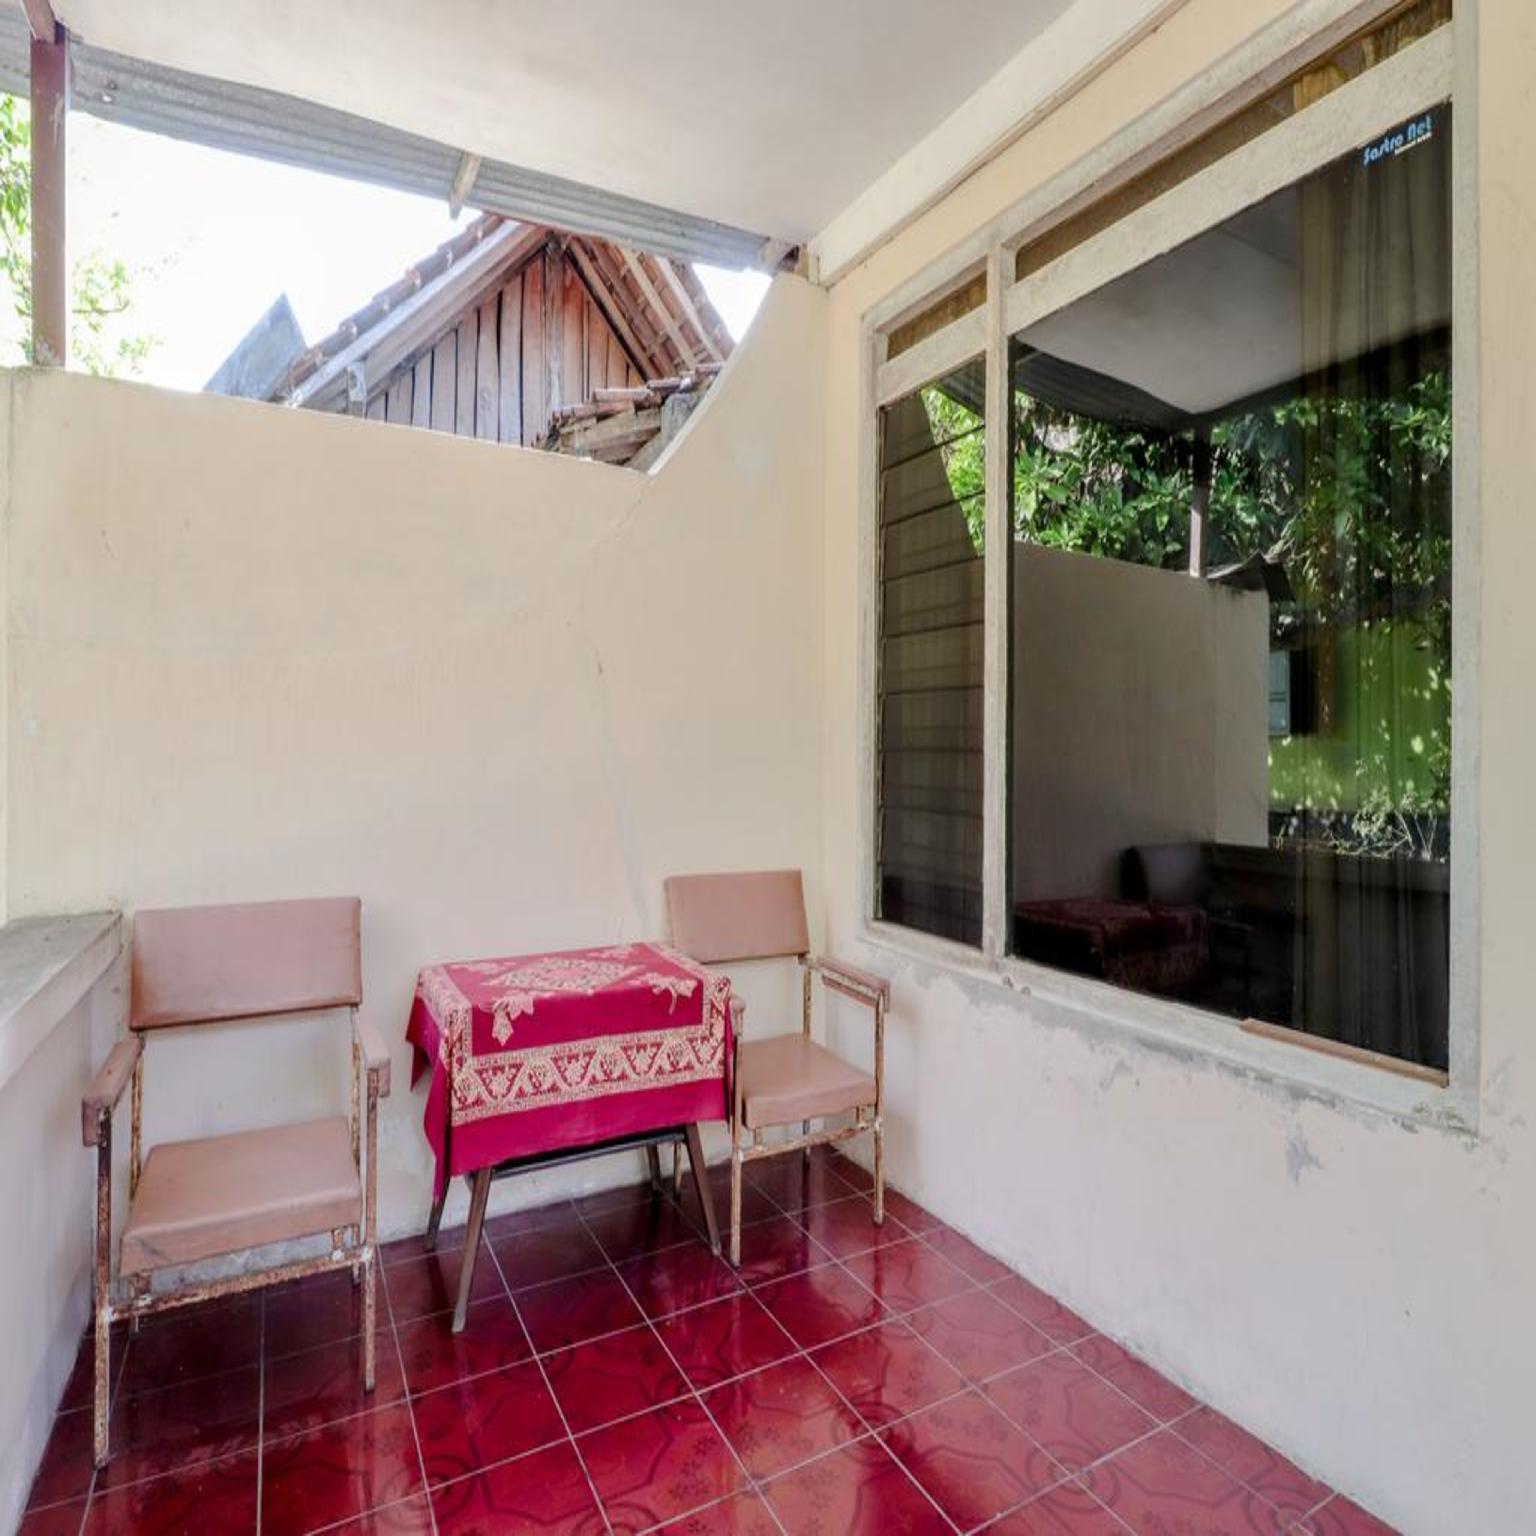 Omah Nggunung Cafe and Homestay, Gunung Kidul